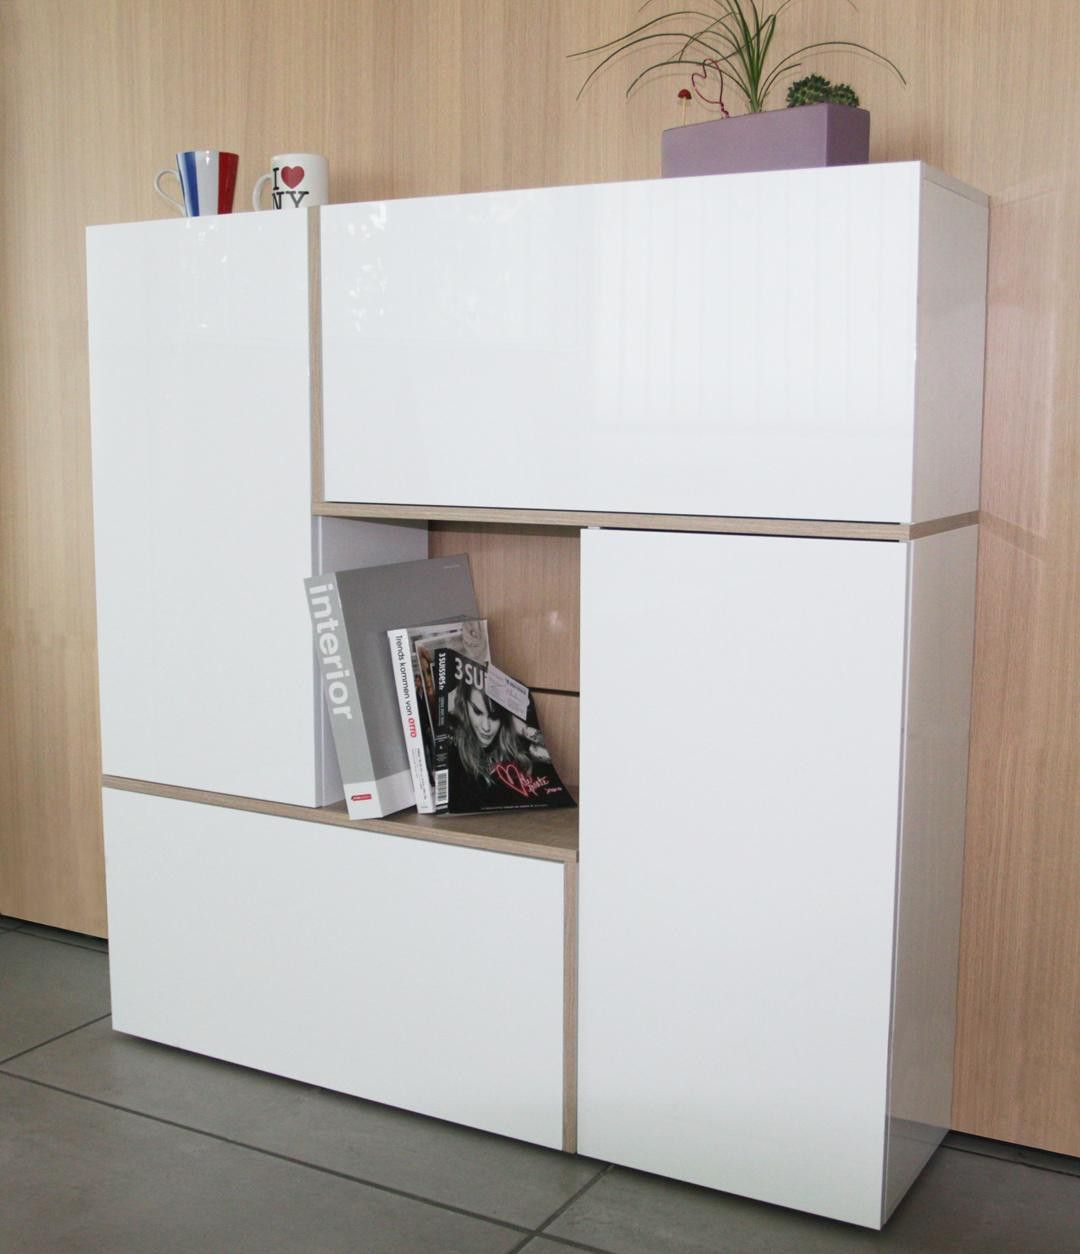 meuble de rangement design 4 portes